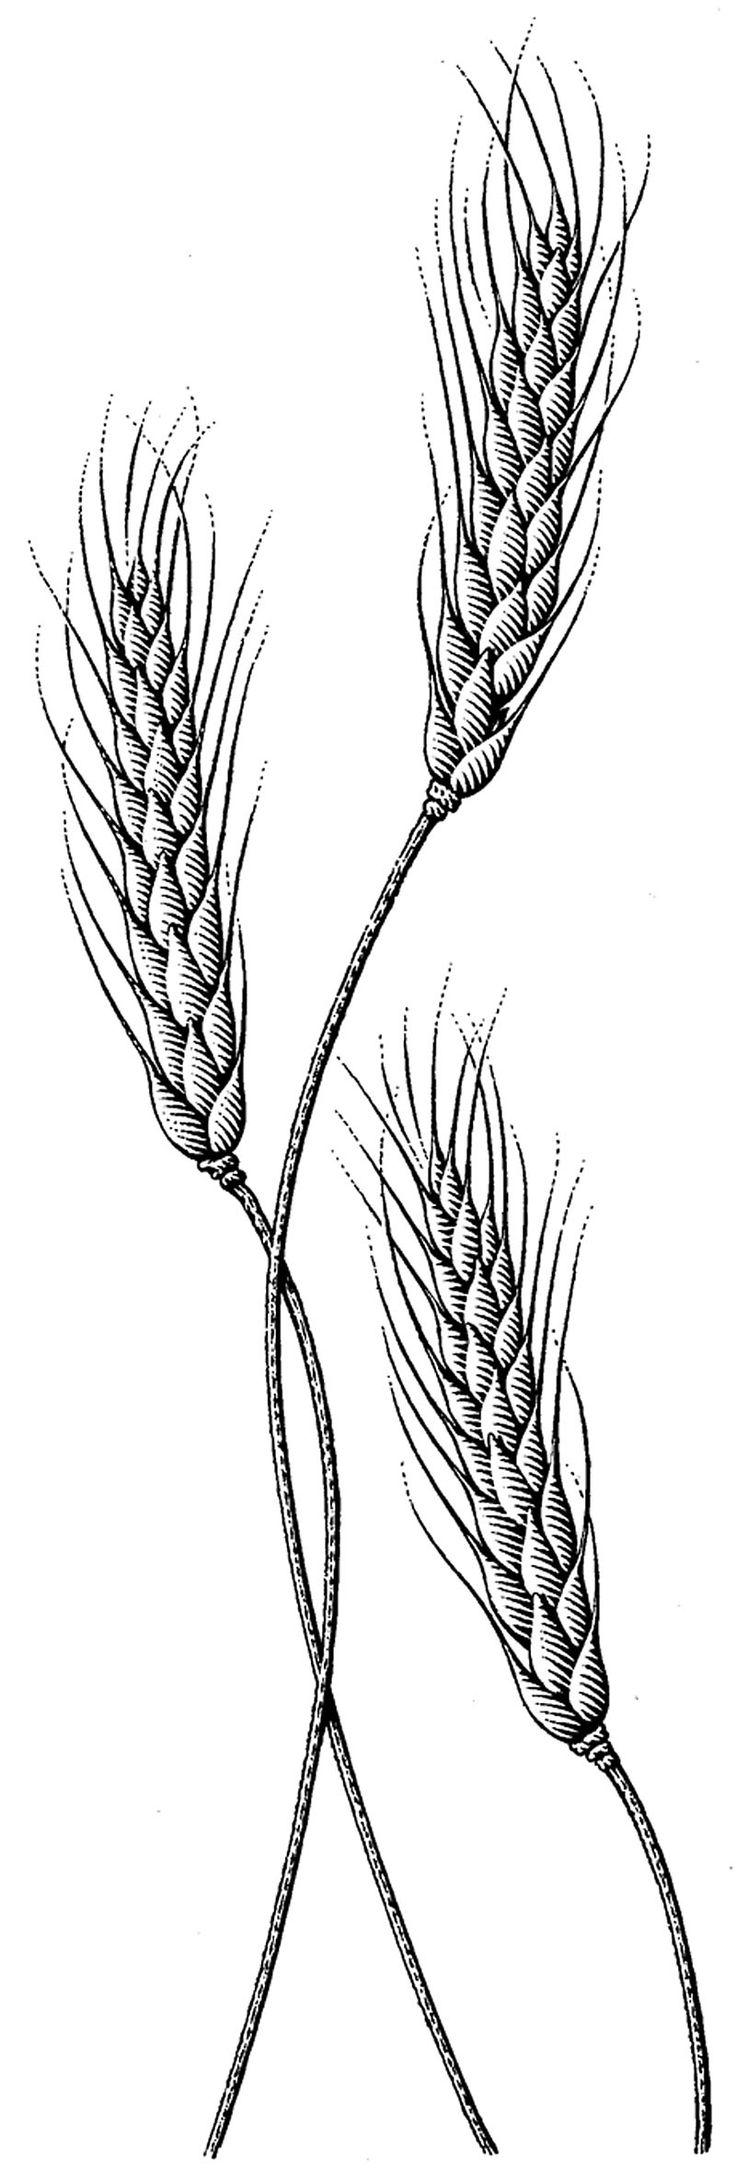 Drawn grain wheat stalk Tattoo Intertwind Best wrist designs